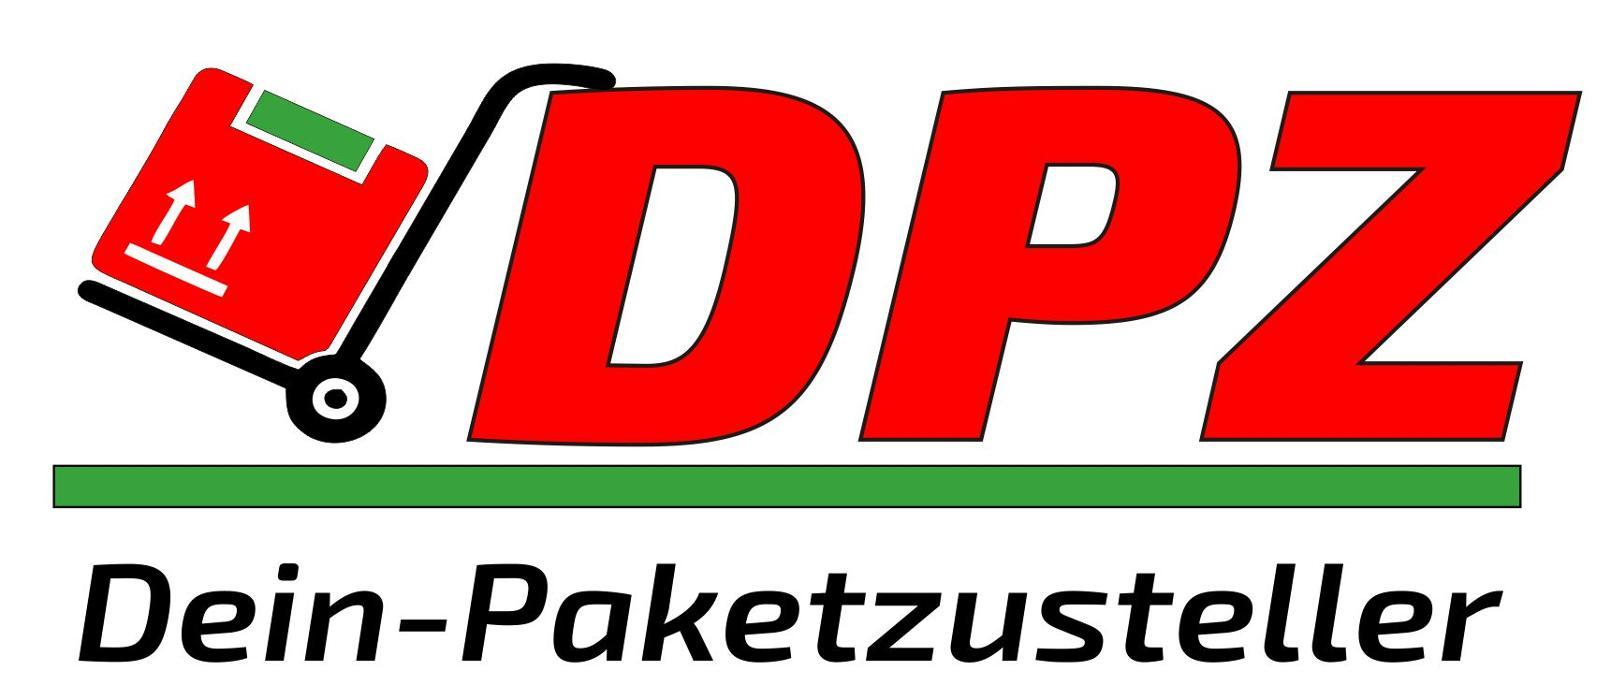 Bild zu DPZ - Dein Paketzusteller (Paketdienst) in Bremen